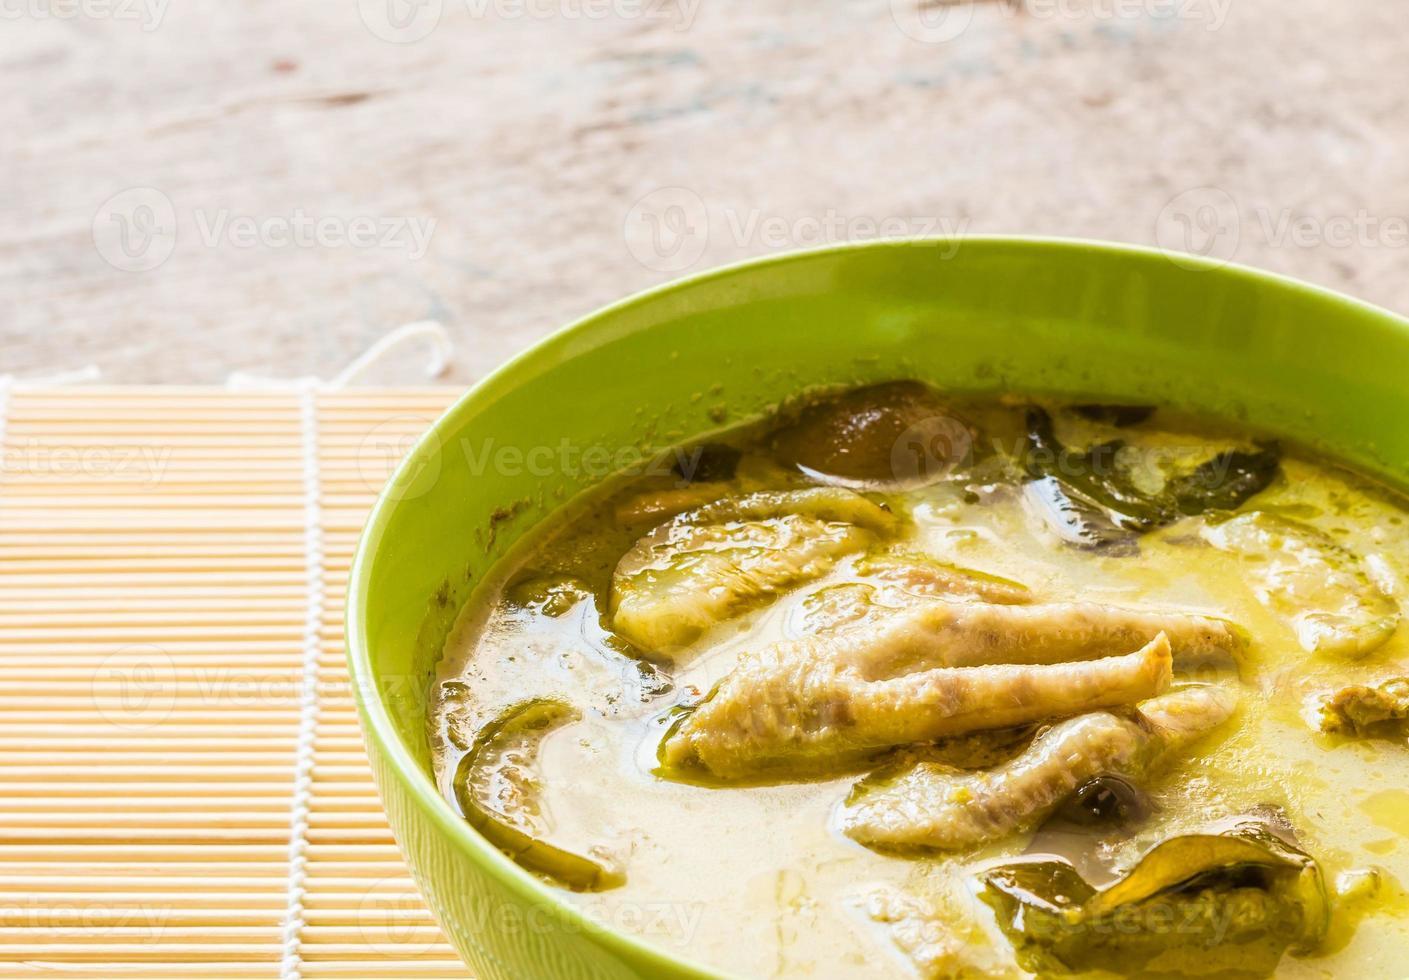 pollo al curry verde tailandés en un tazón foto